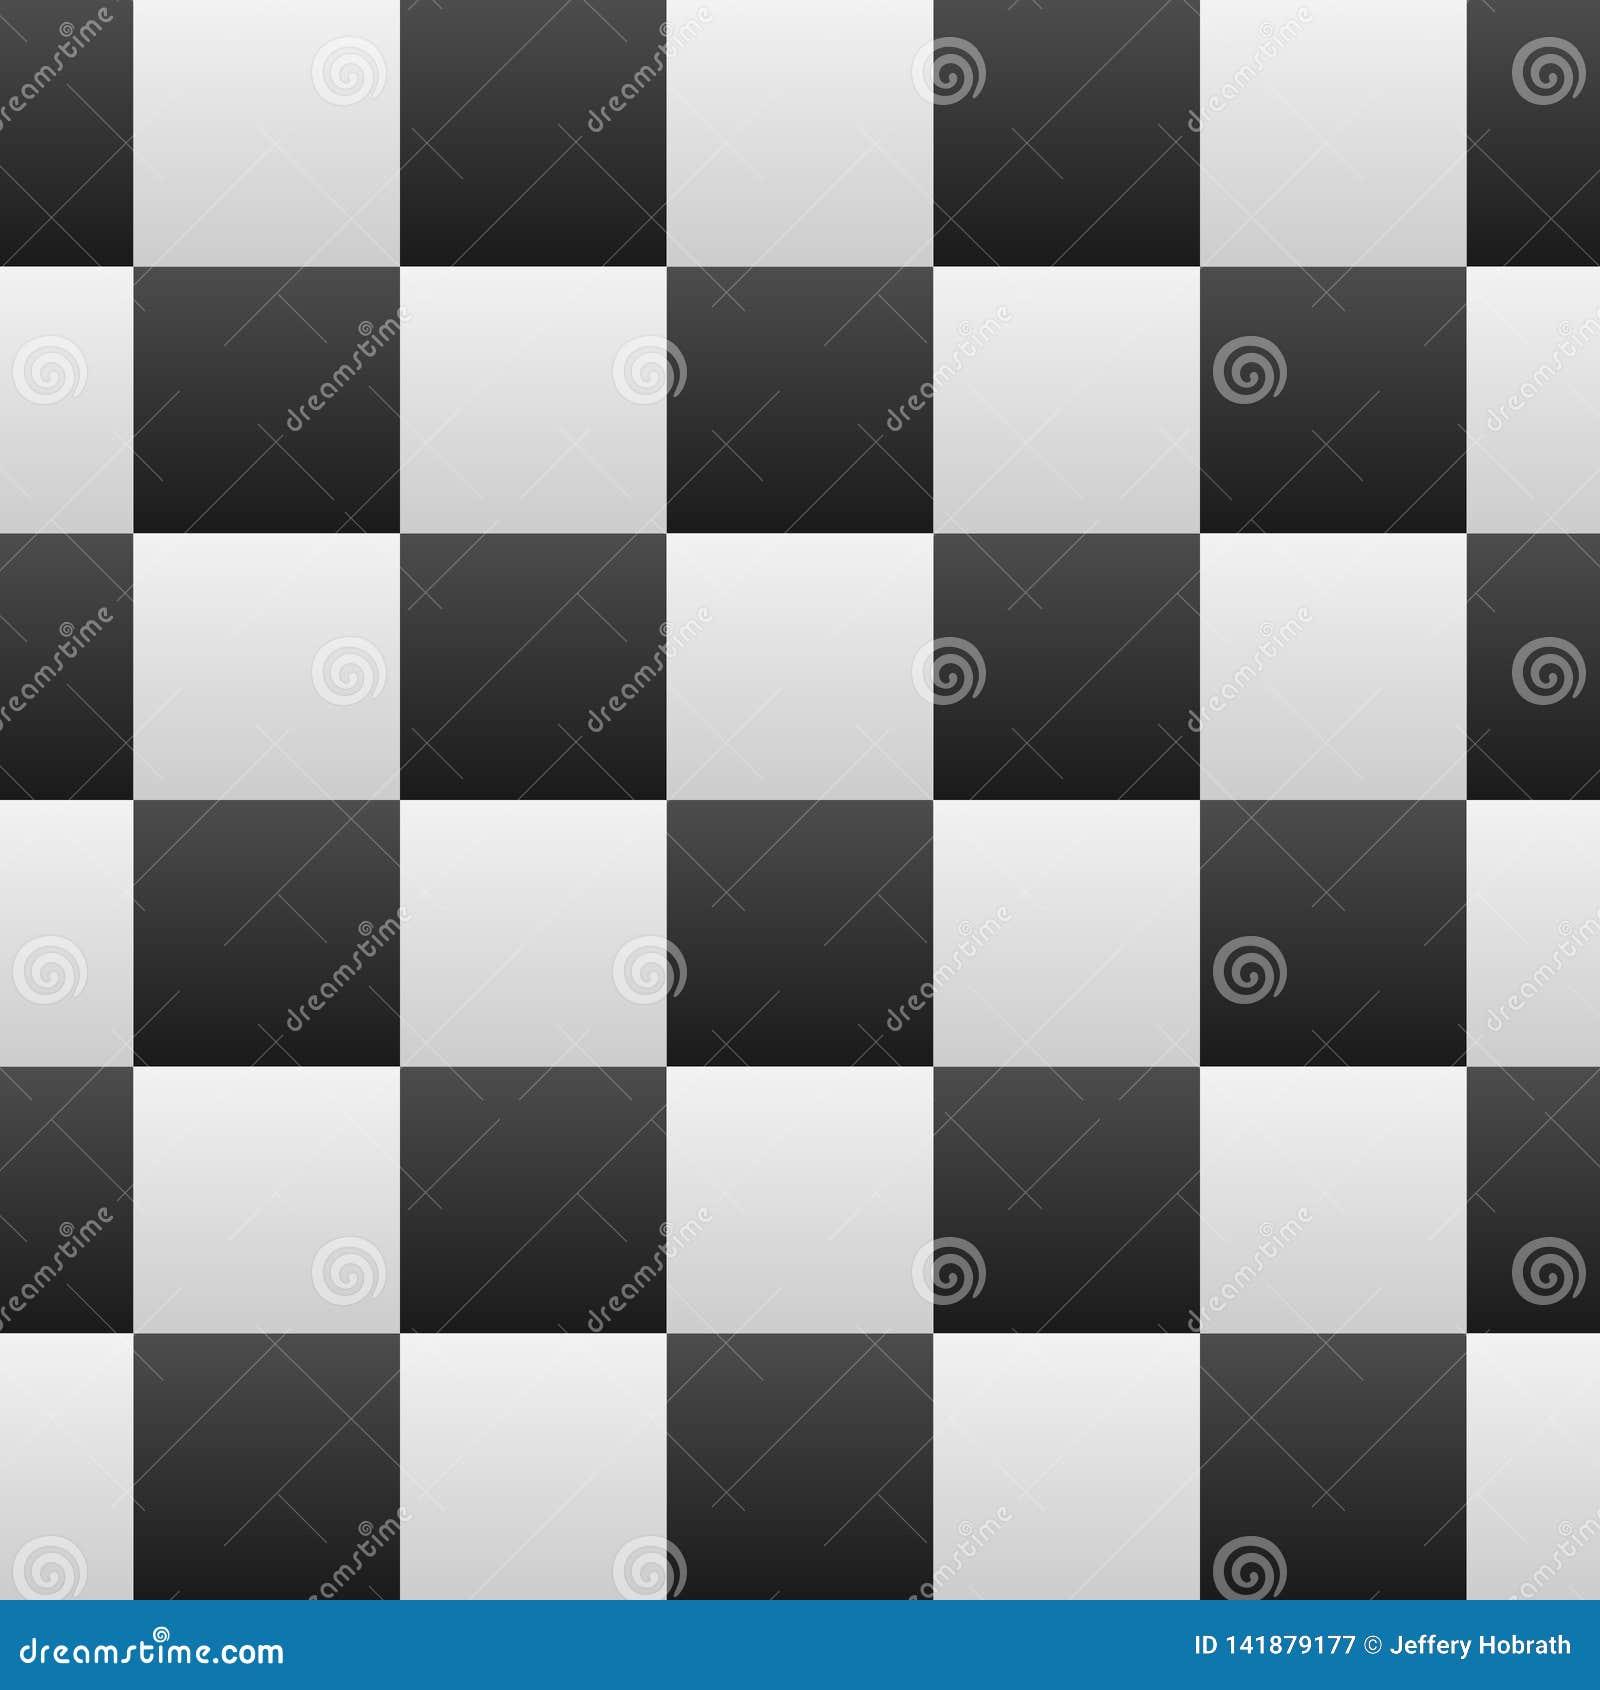 Schwarzweiss-Steigungs-karierte nahtlose wiederholende Muster-Hintergrund-Vektor-Illustration